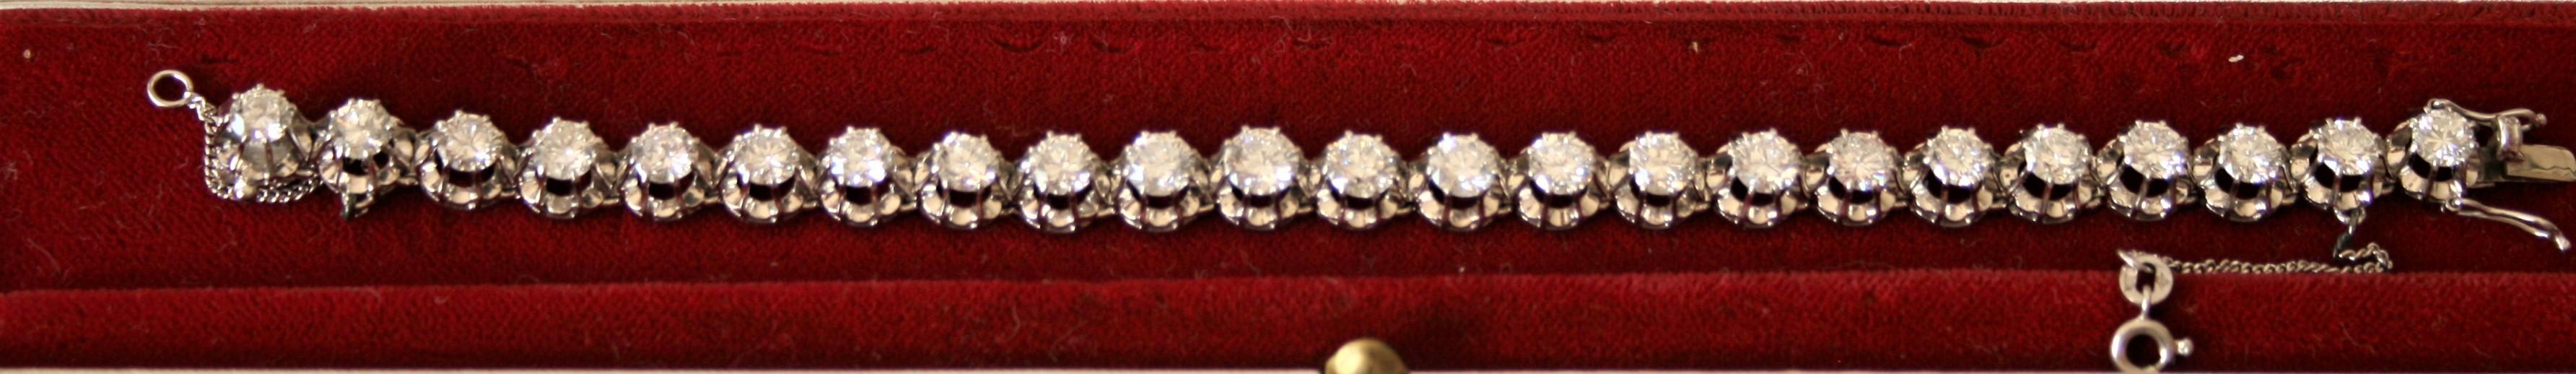 Bracelet en platine constitué de 23 diamants ronds totalisant 12 Carats blancs et [...]